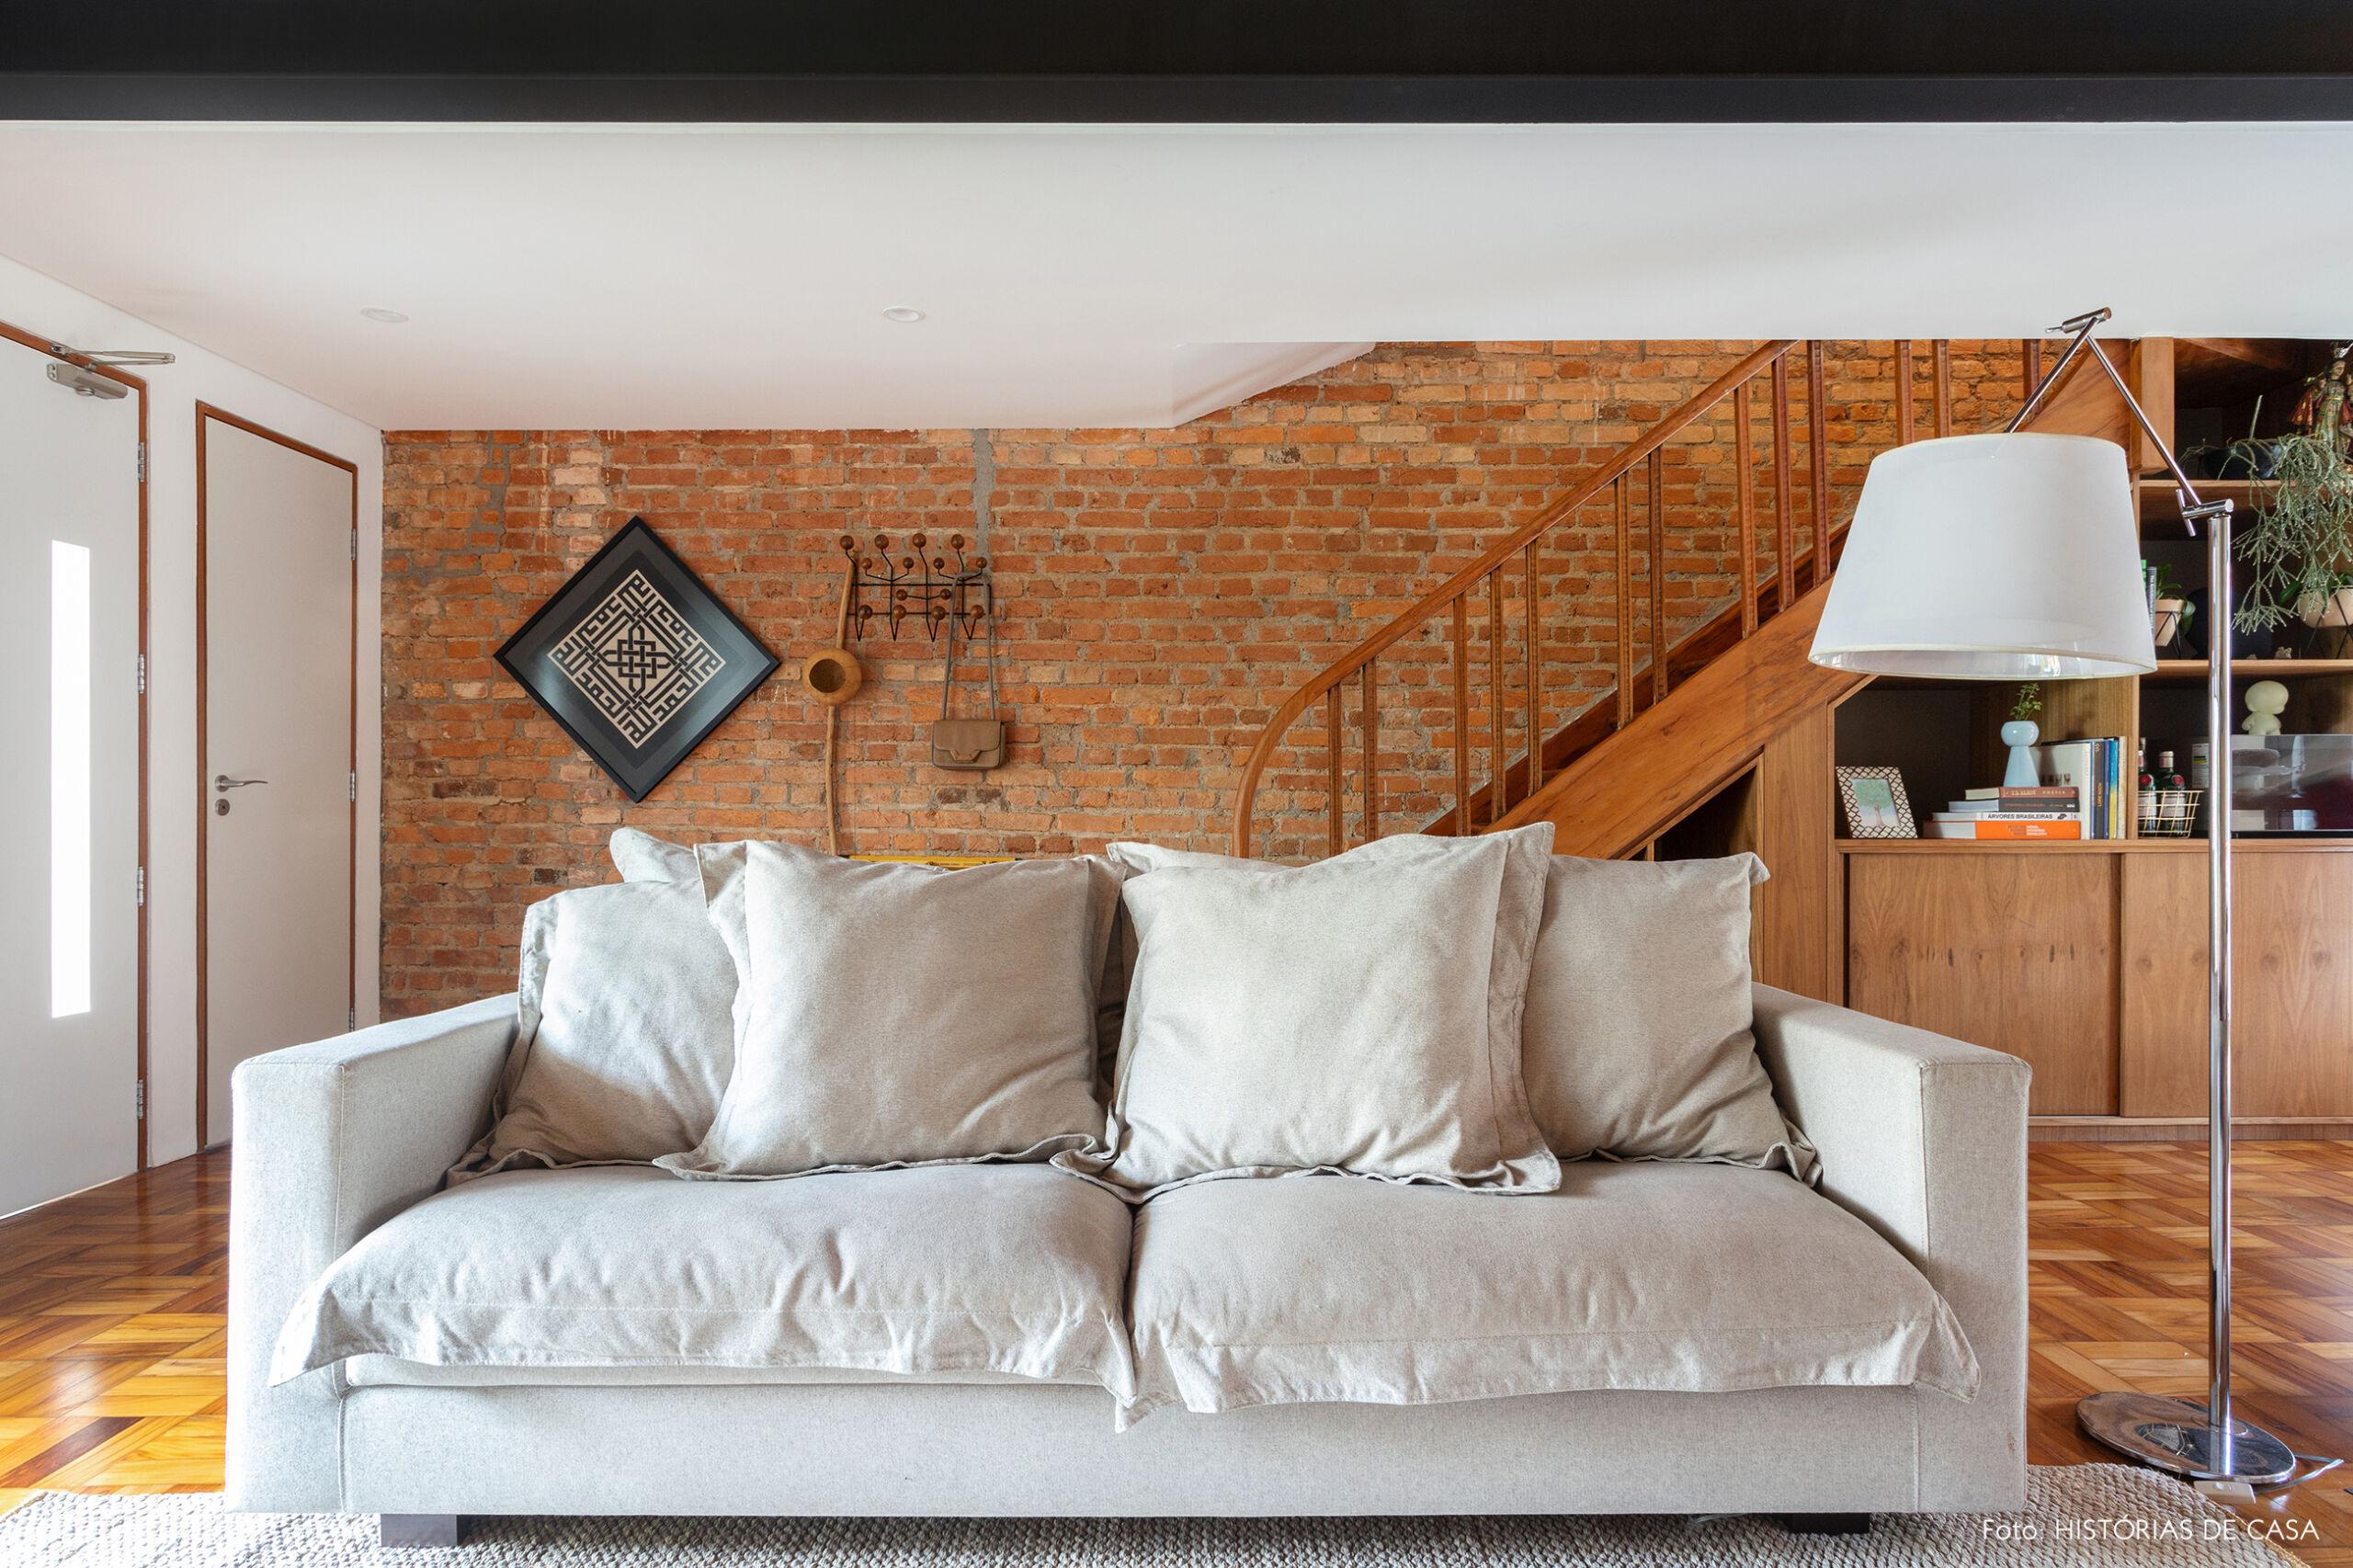 Casa de vila com parede de tijolinho na sala